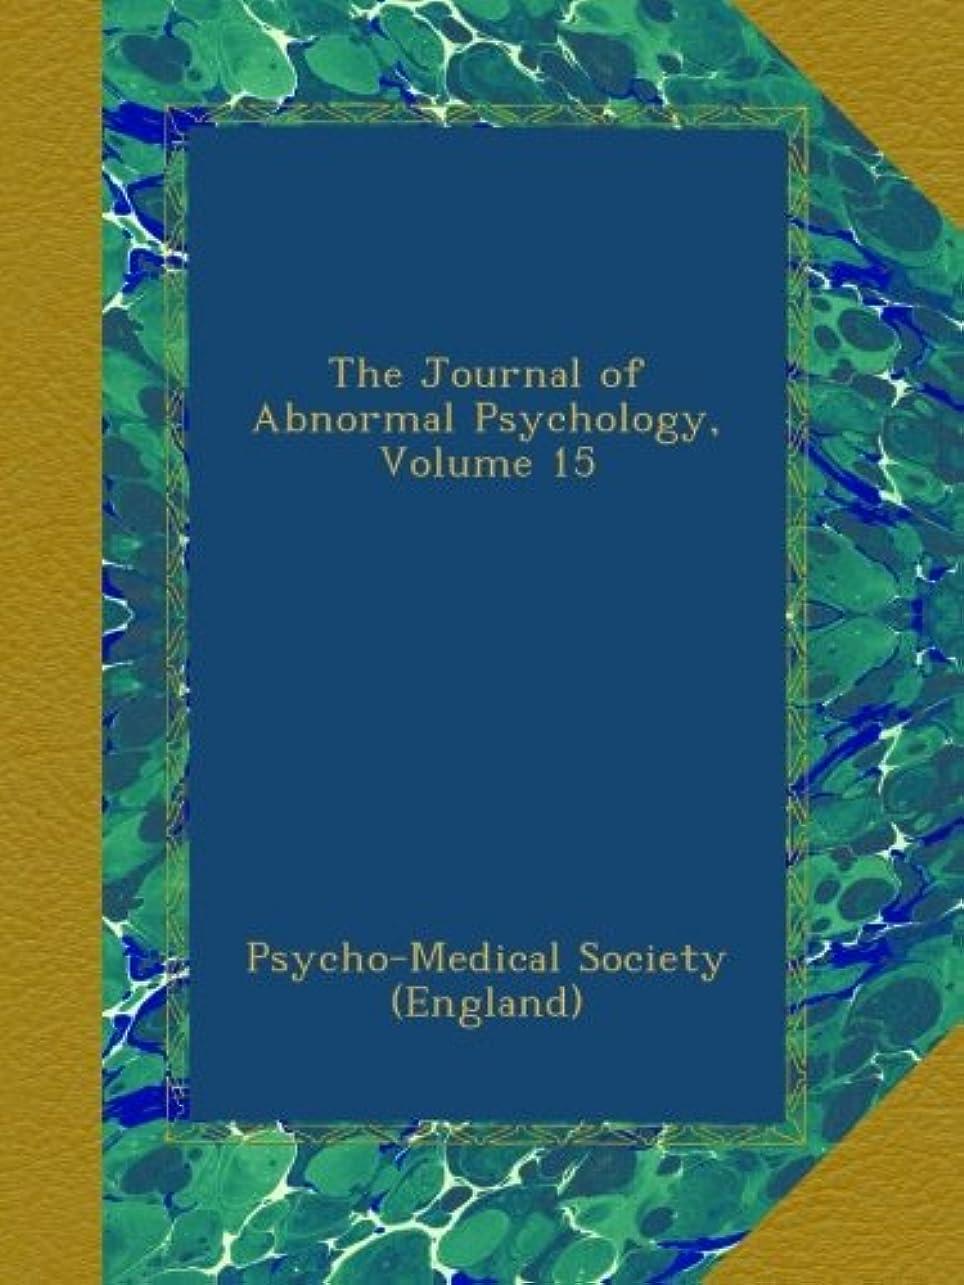 参照する議題精神医学The Journal of Abnormal Psychology, Volume 15